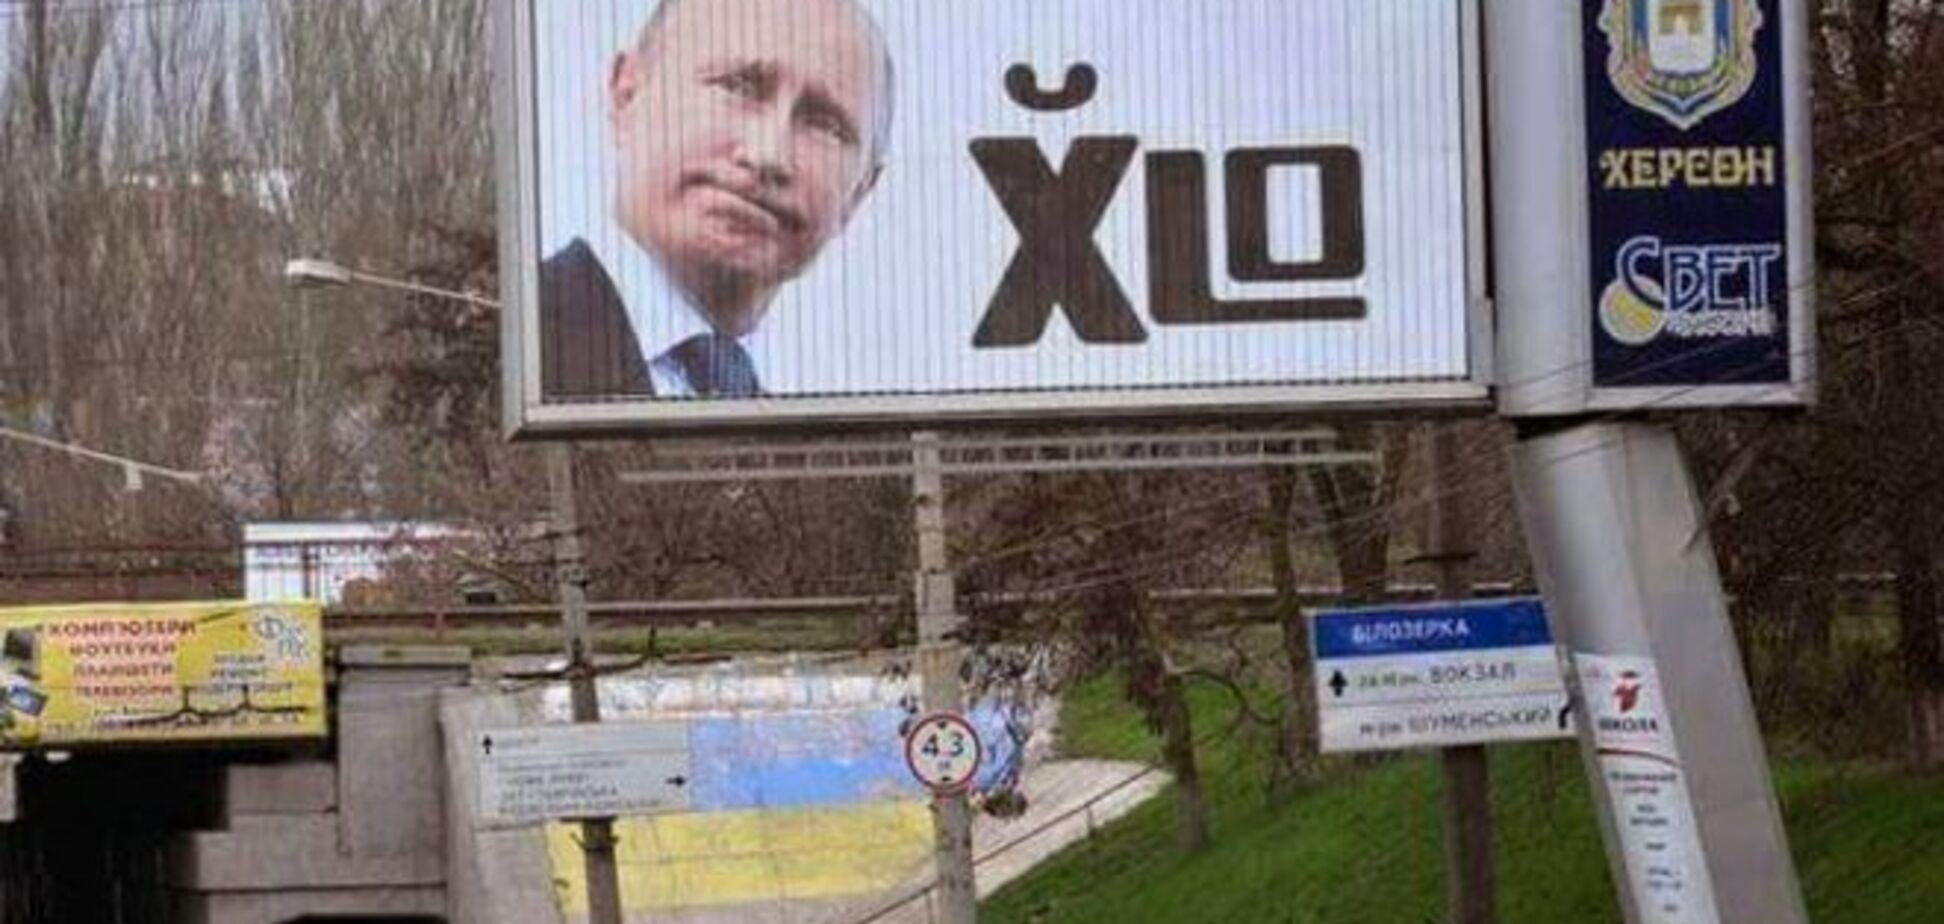 В Херсоне появился нецензурный билборд с Путиным: фотофакт